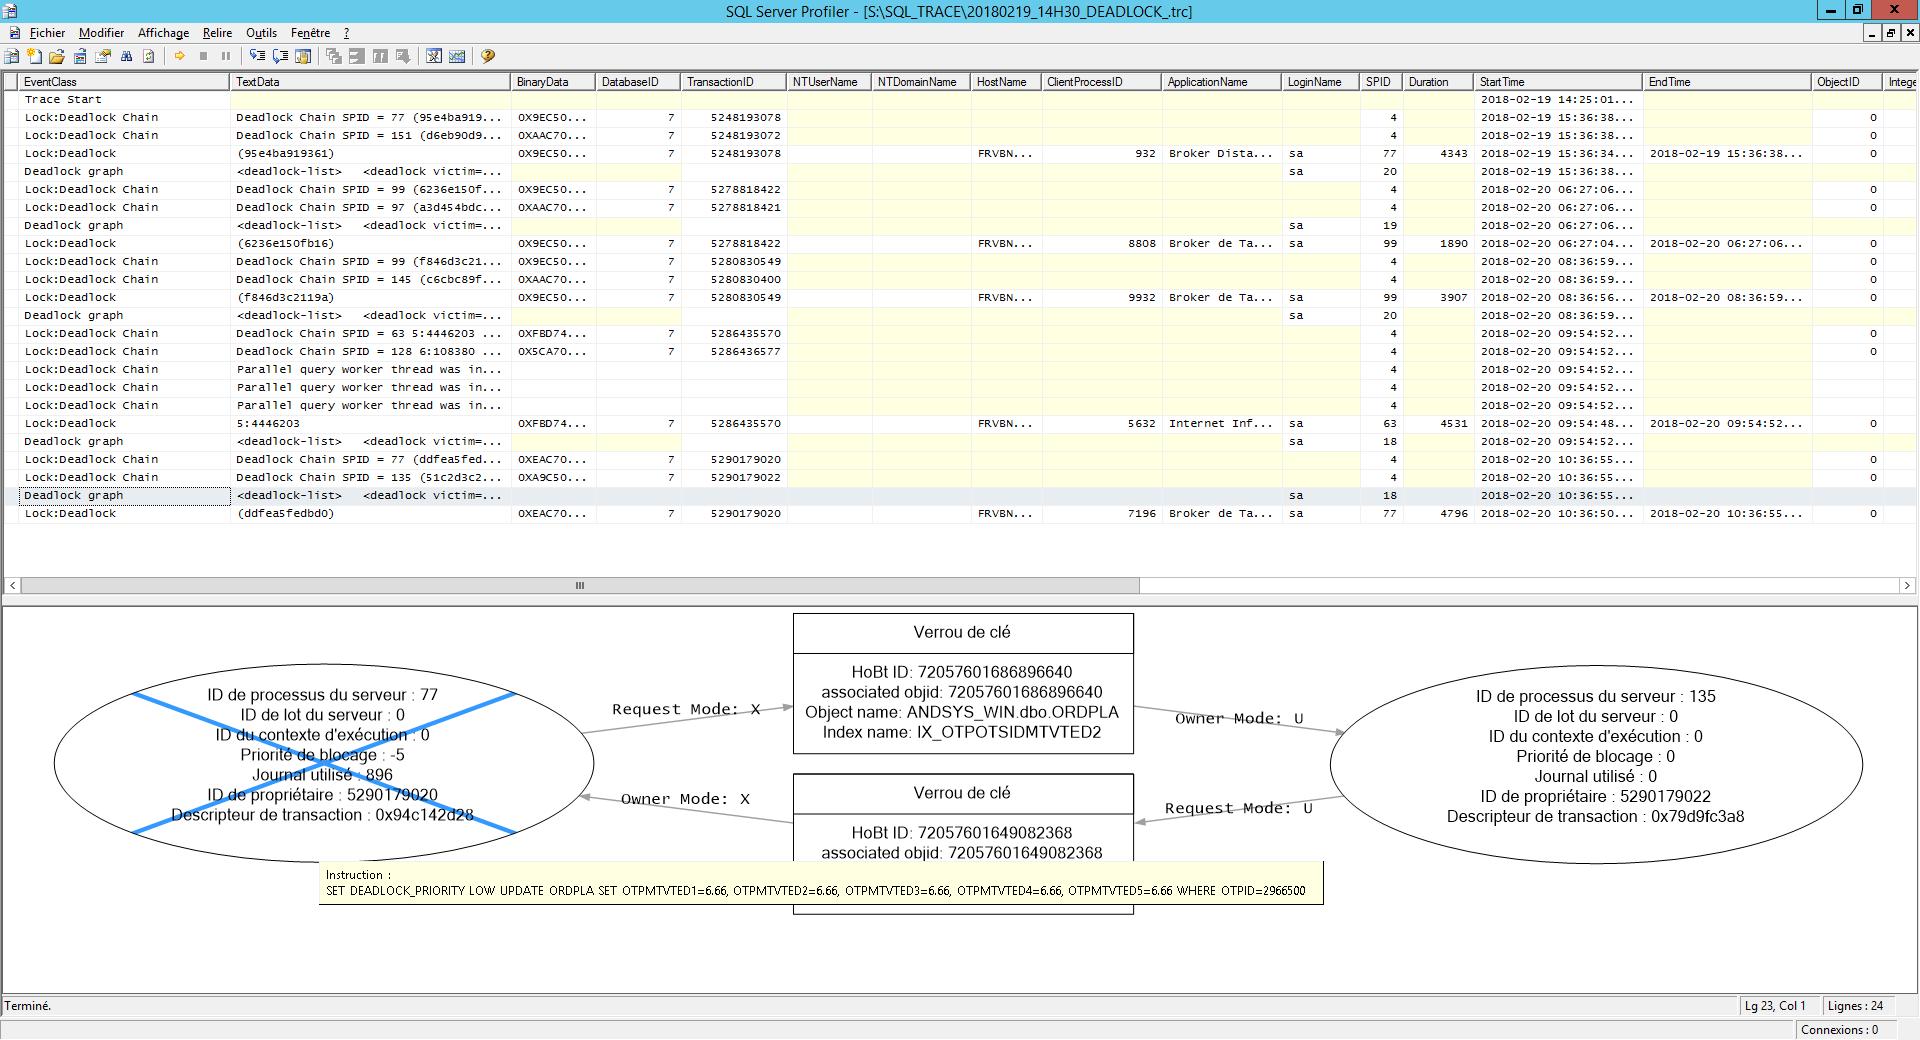 Lecture des informations de verrous mortels dans le client graphique du profiler de SQL Server